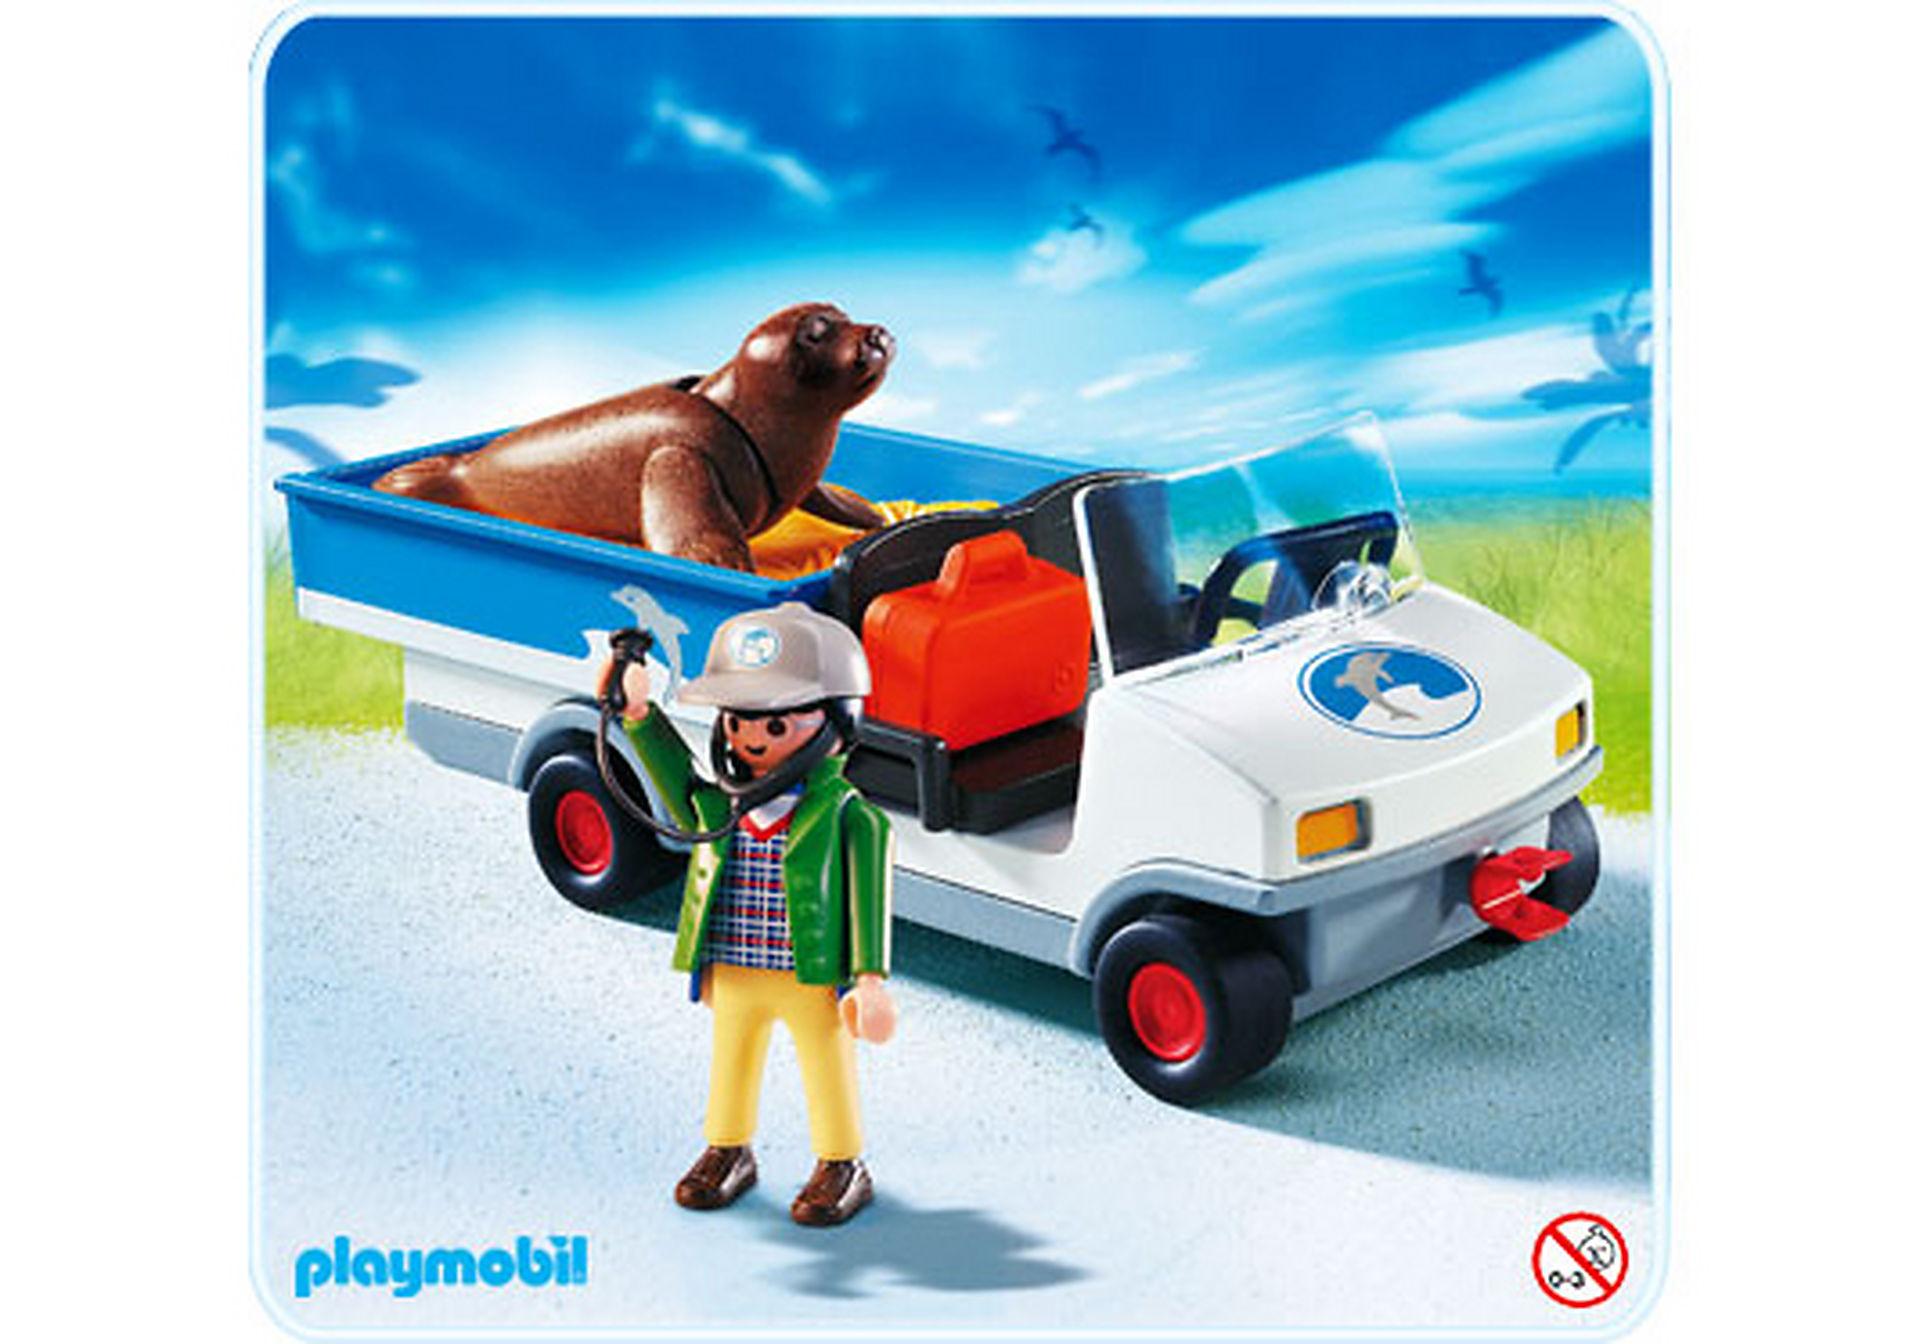 http://media.playmobil.com/i/playmobil/4464-A_product_detail/Véhicule de transport avec phoque